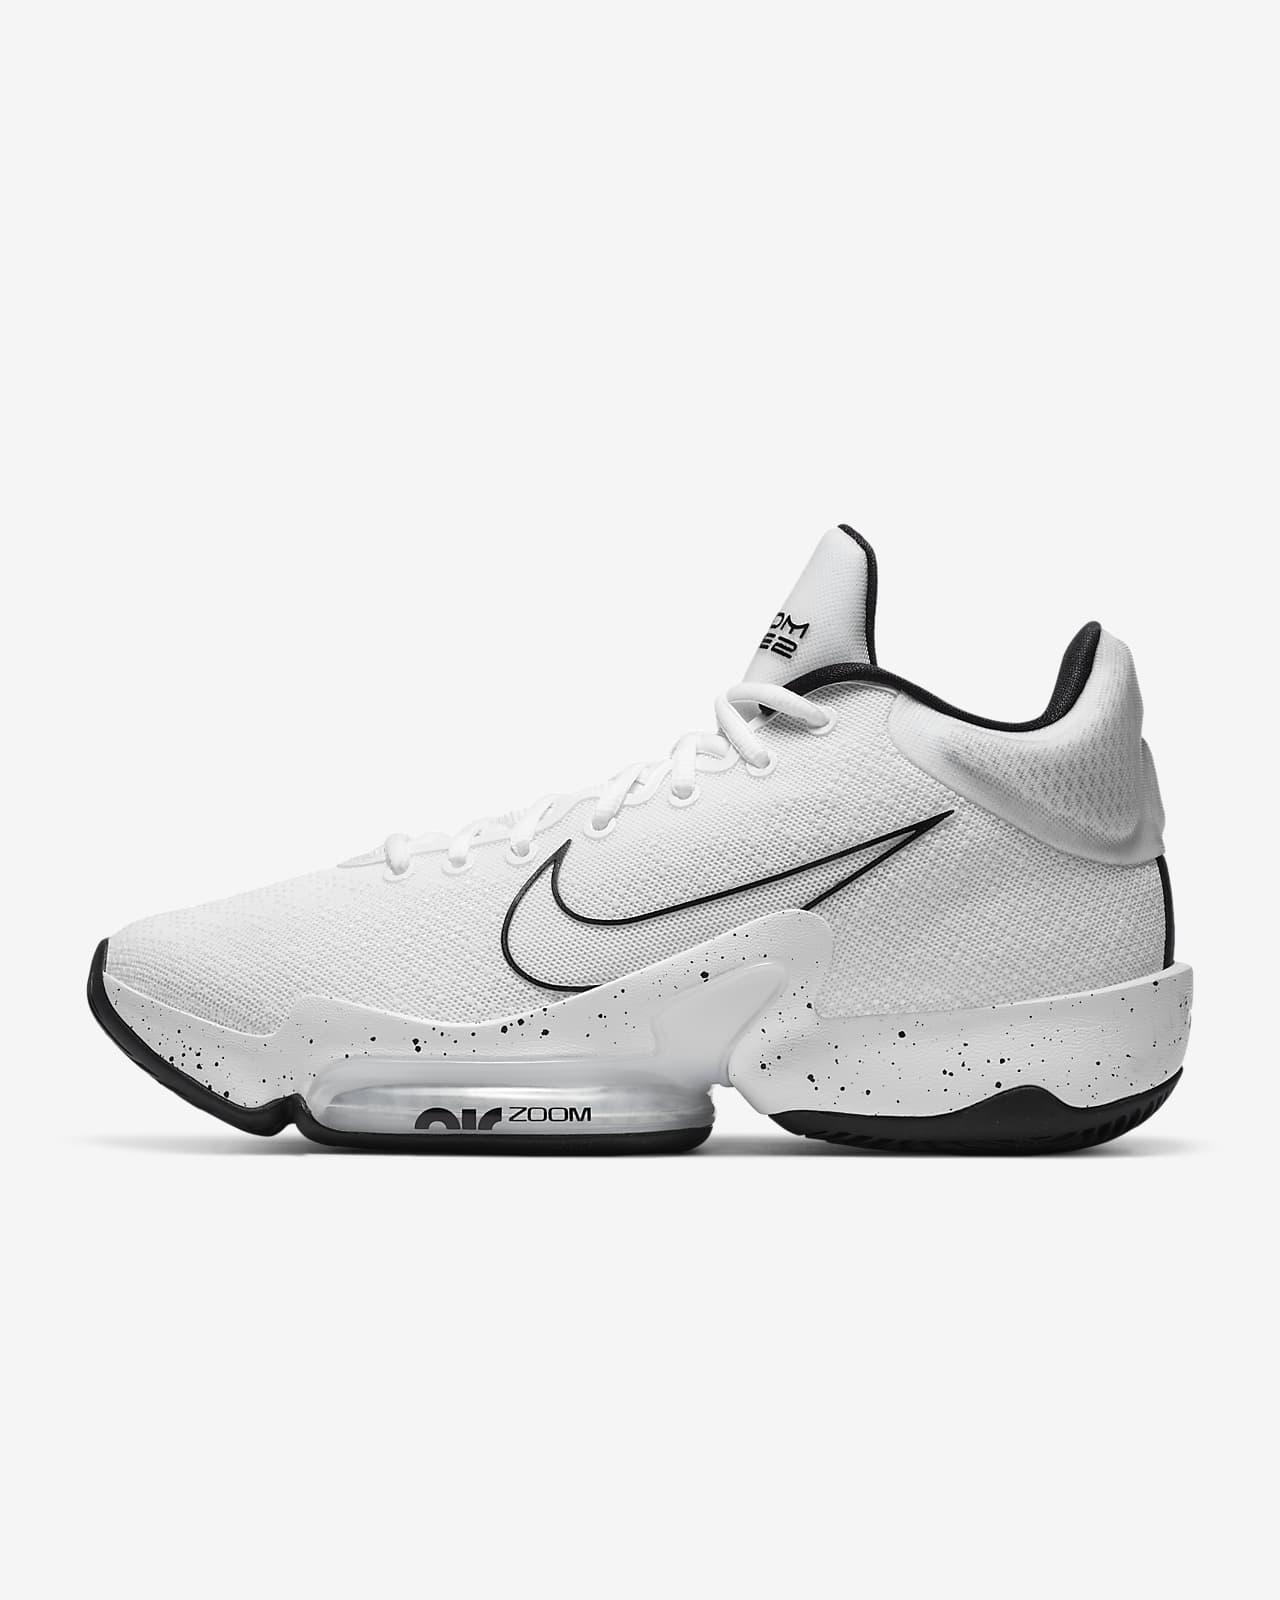 Nike Zoom Rize 2 (Team) Basketball Shoe